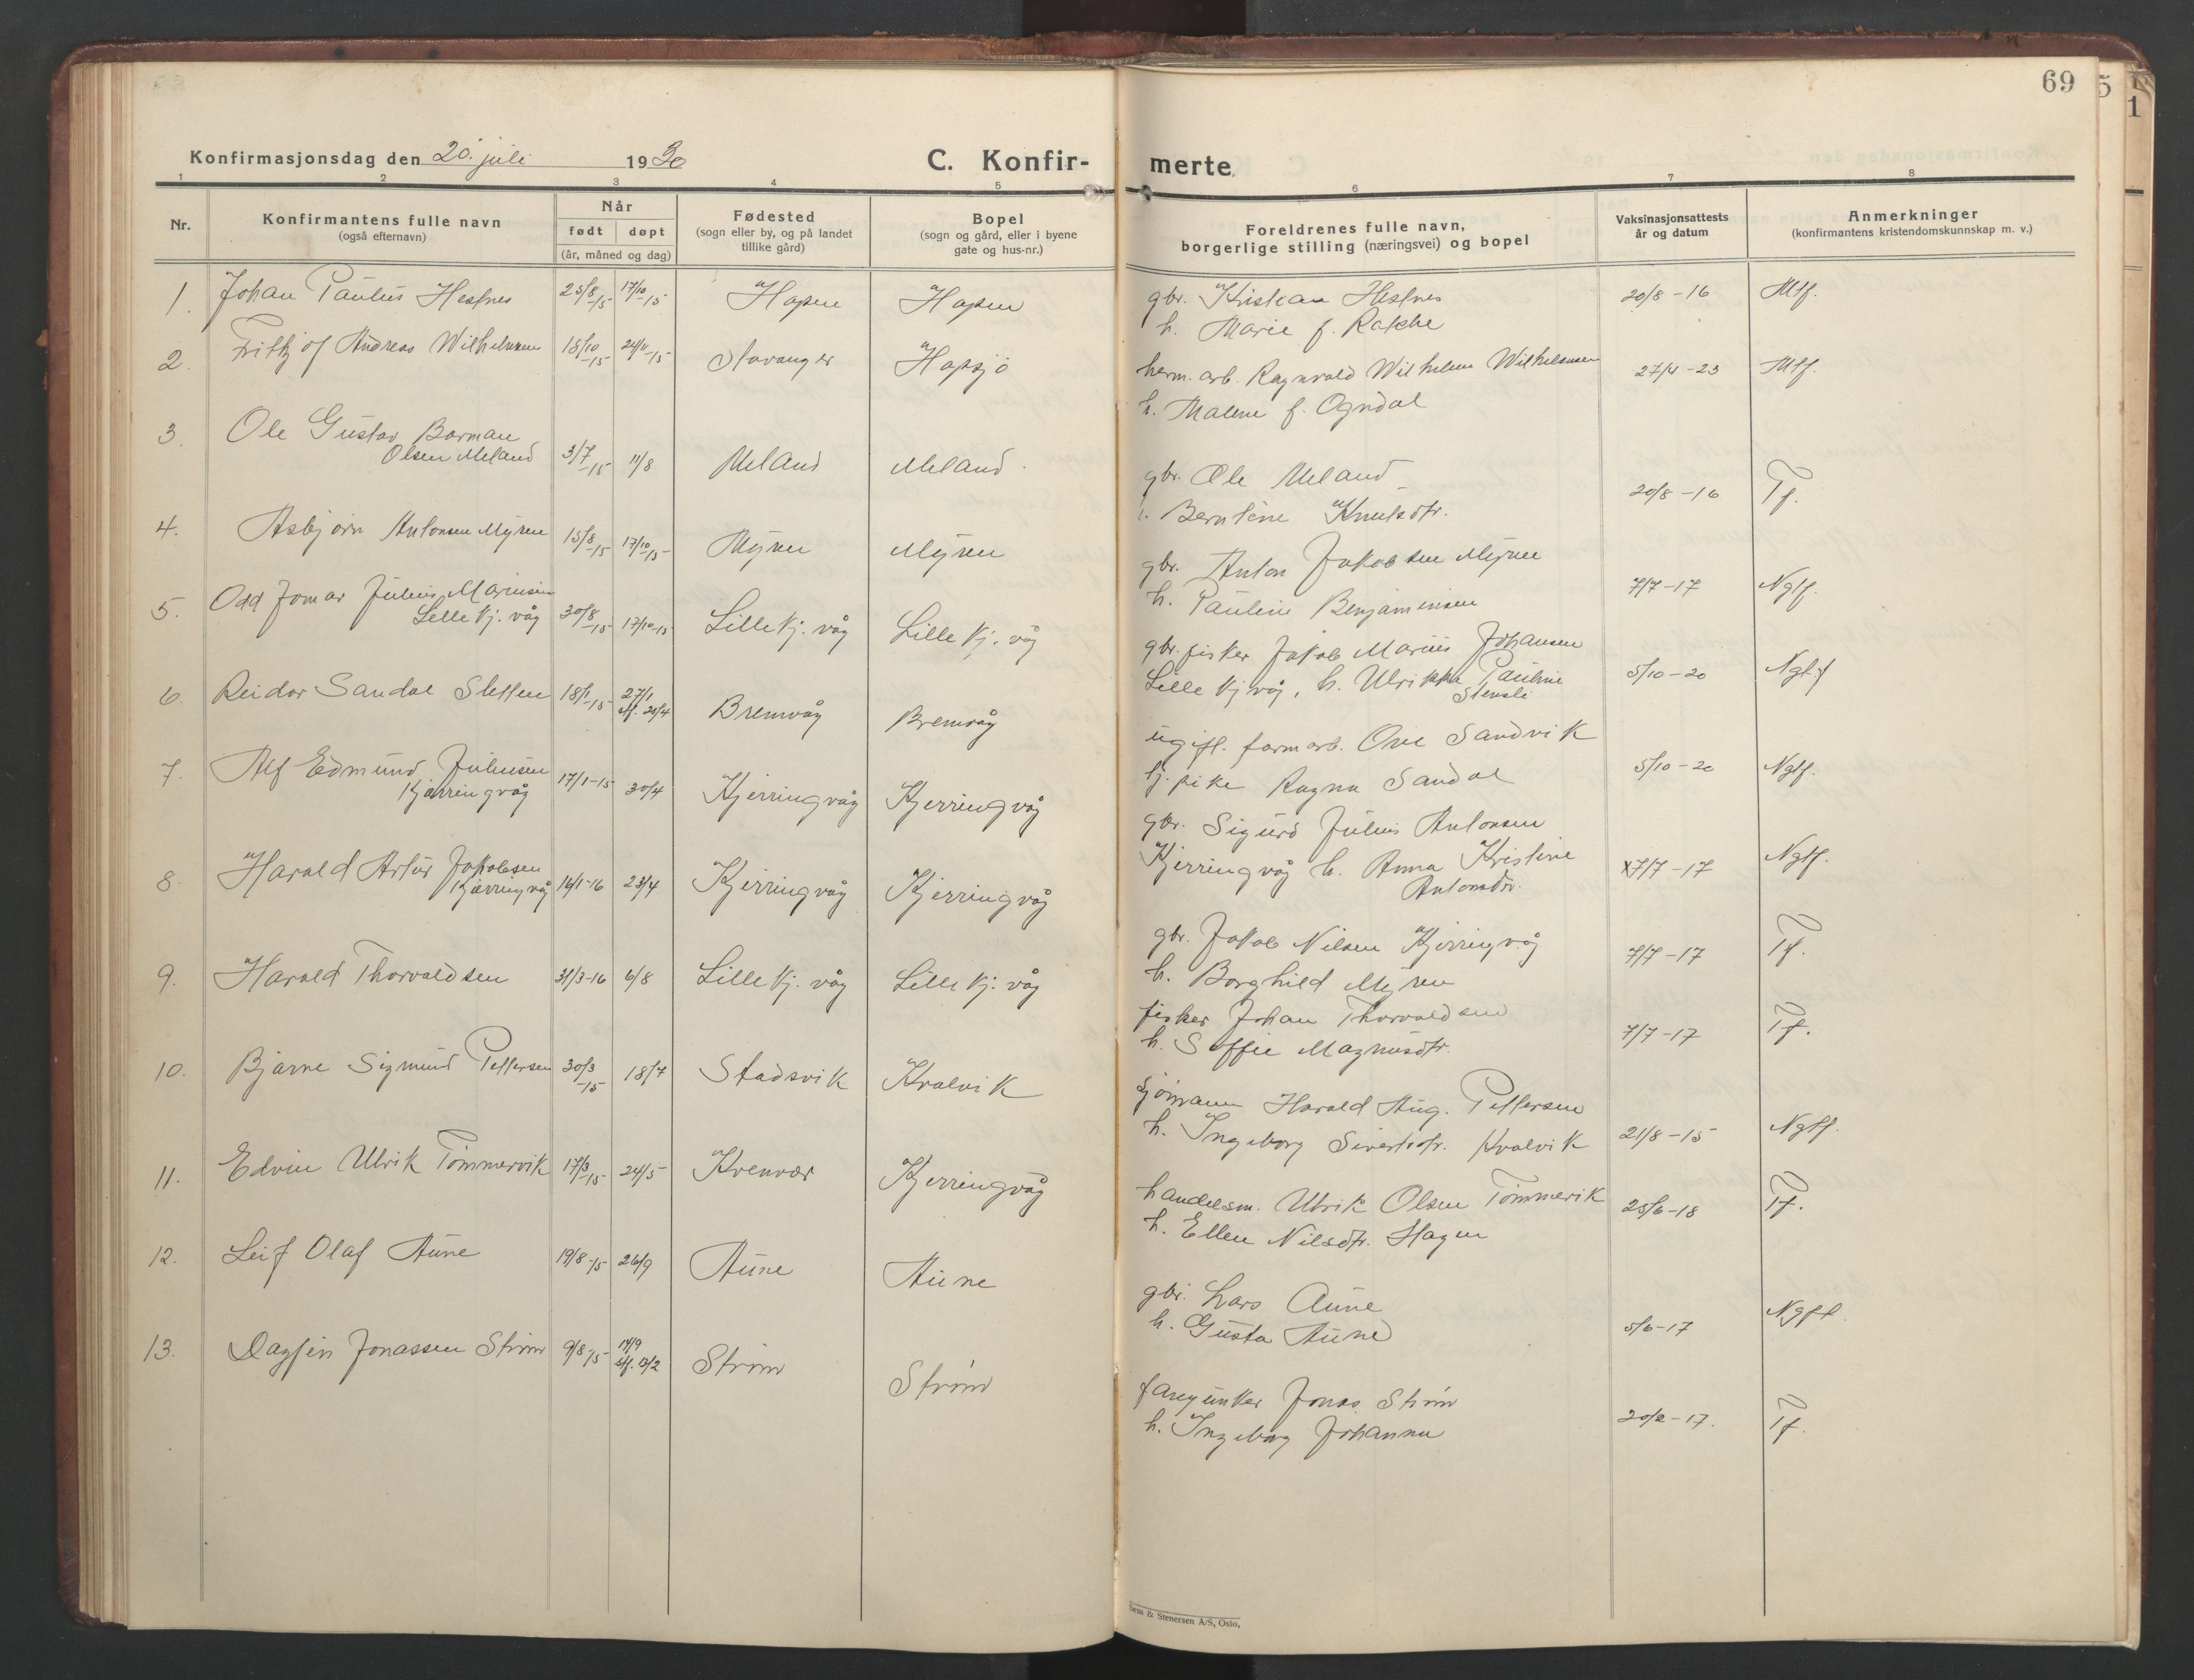 SAT, Ministerialprotokoller, klokkerbøker og fødselsregistre - Sør-Trøndelag, 634/L0544: Klokkerbok nr. 634C06, 1927-1948, s. 69